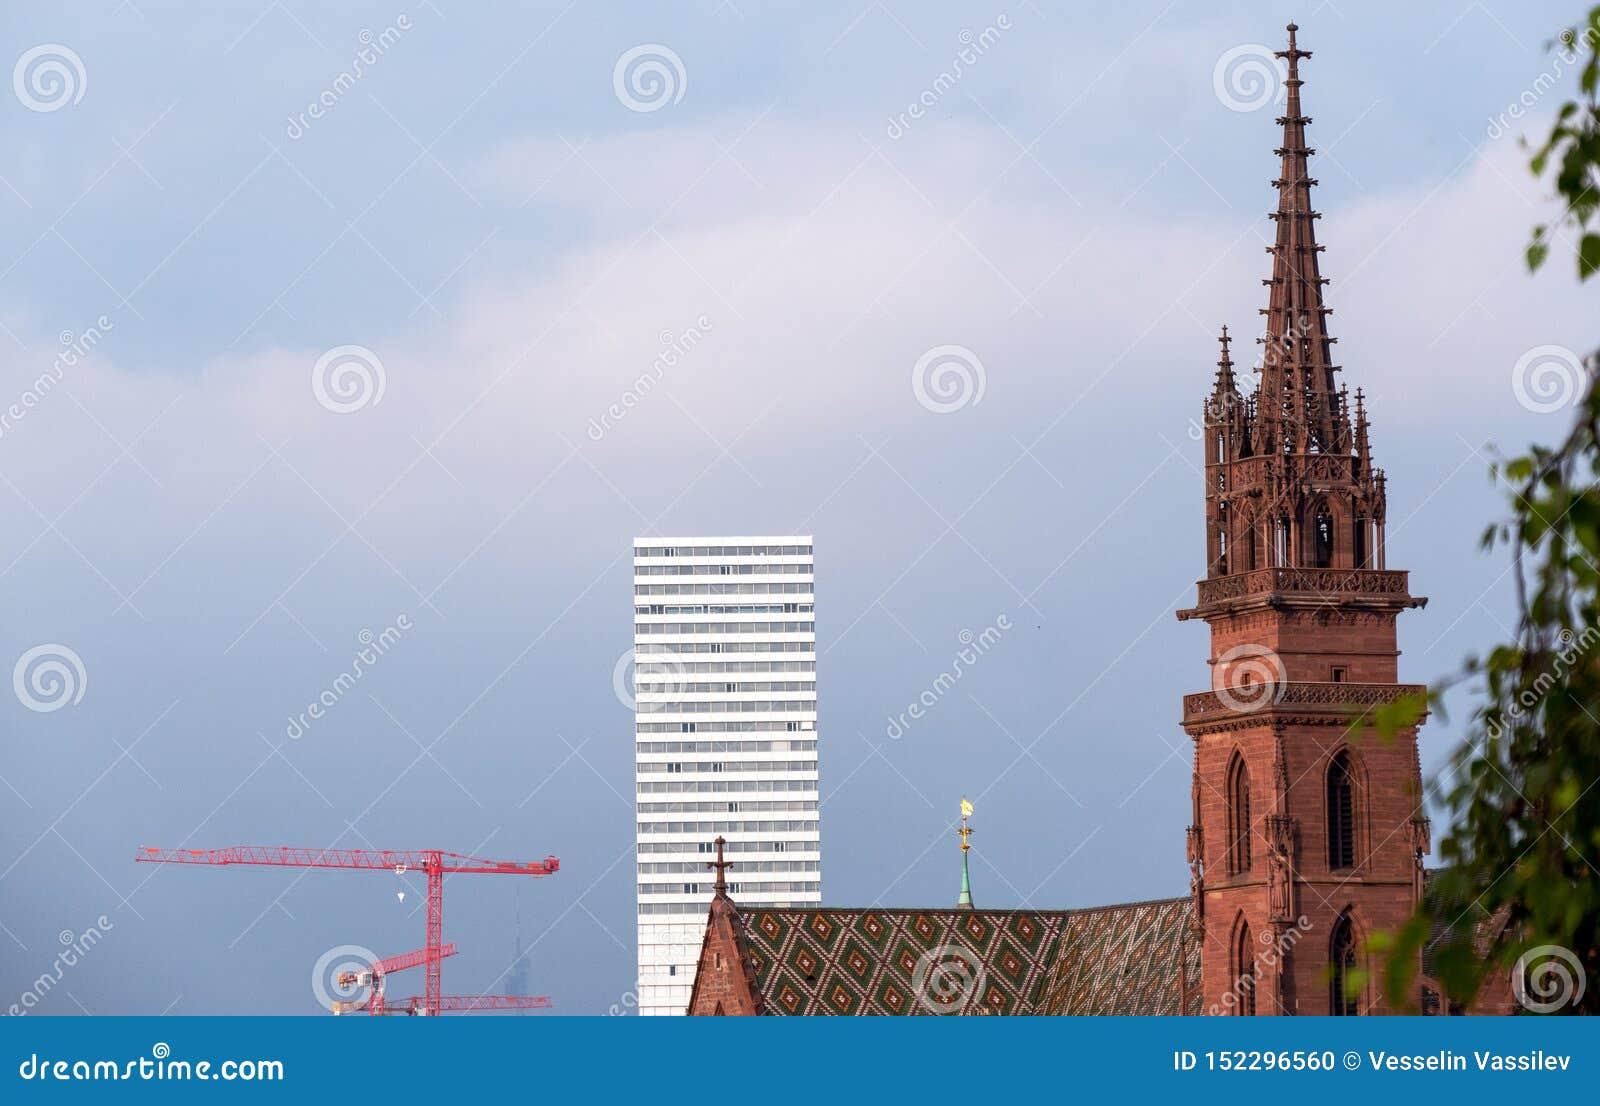 Οι πύργοι της Βασιλείας αρχαιότητα και το παρόν